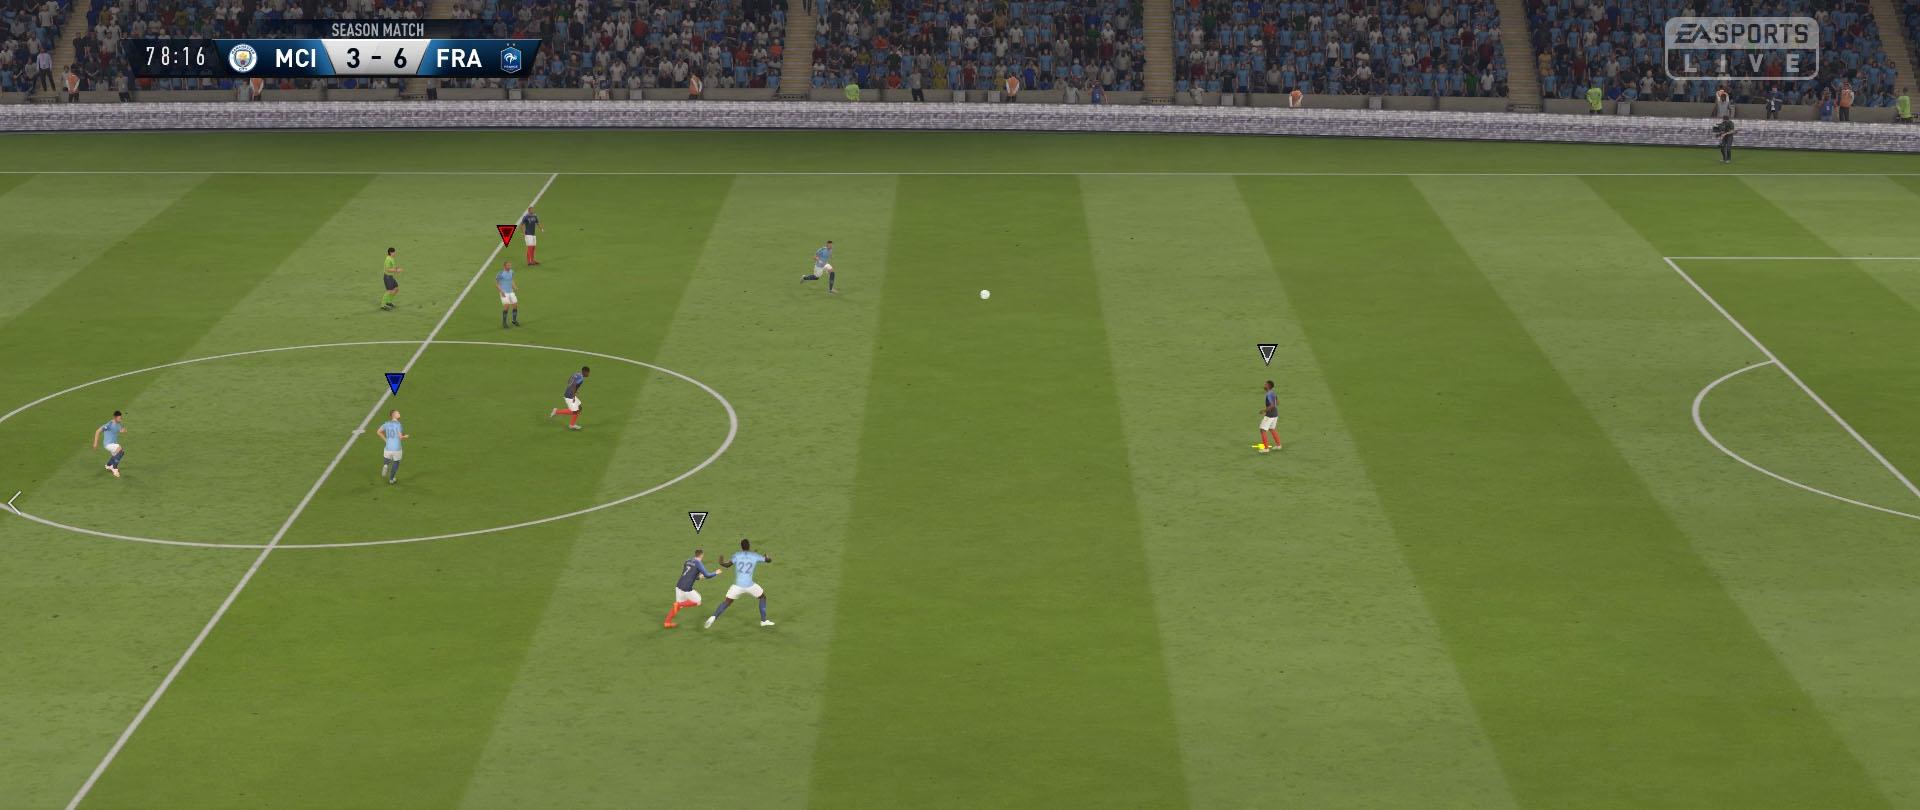 FIFA 19 Offside Glitch